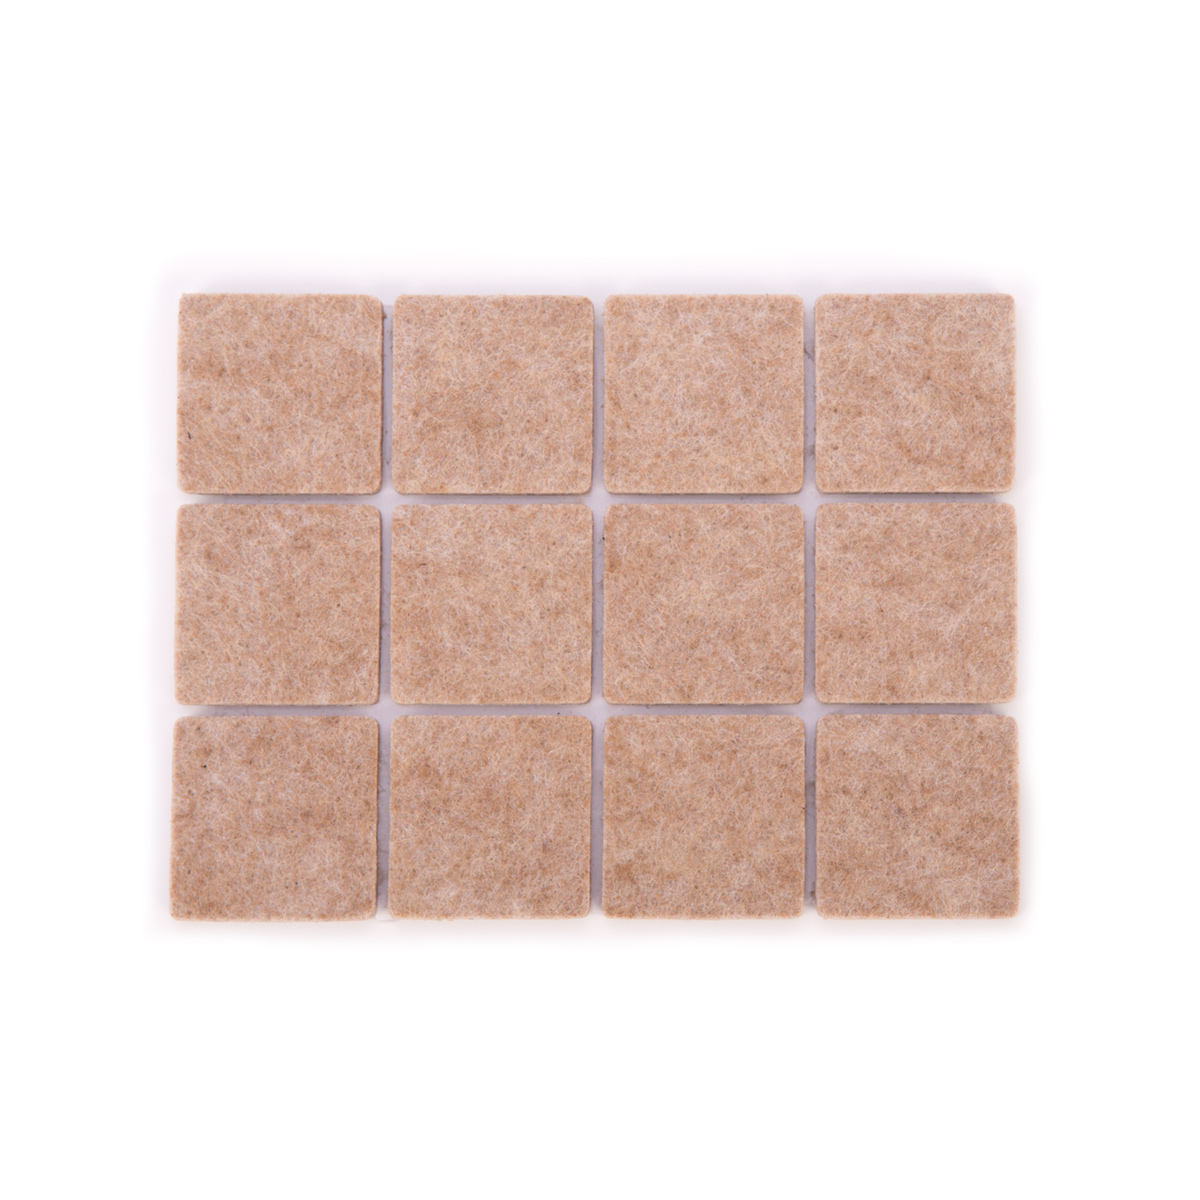 Samolepicí podložky pod nábytek PRESTO 25 x 25 mm, 24 ks